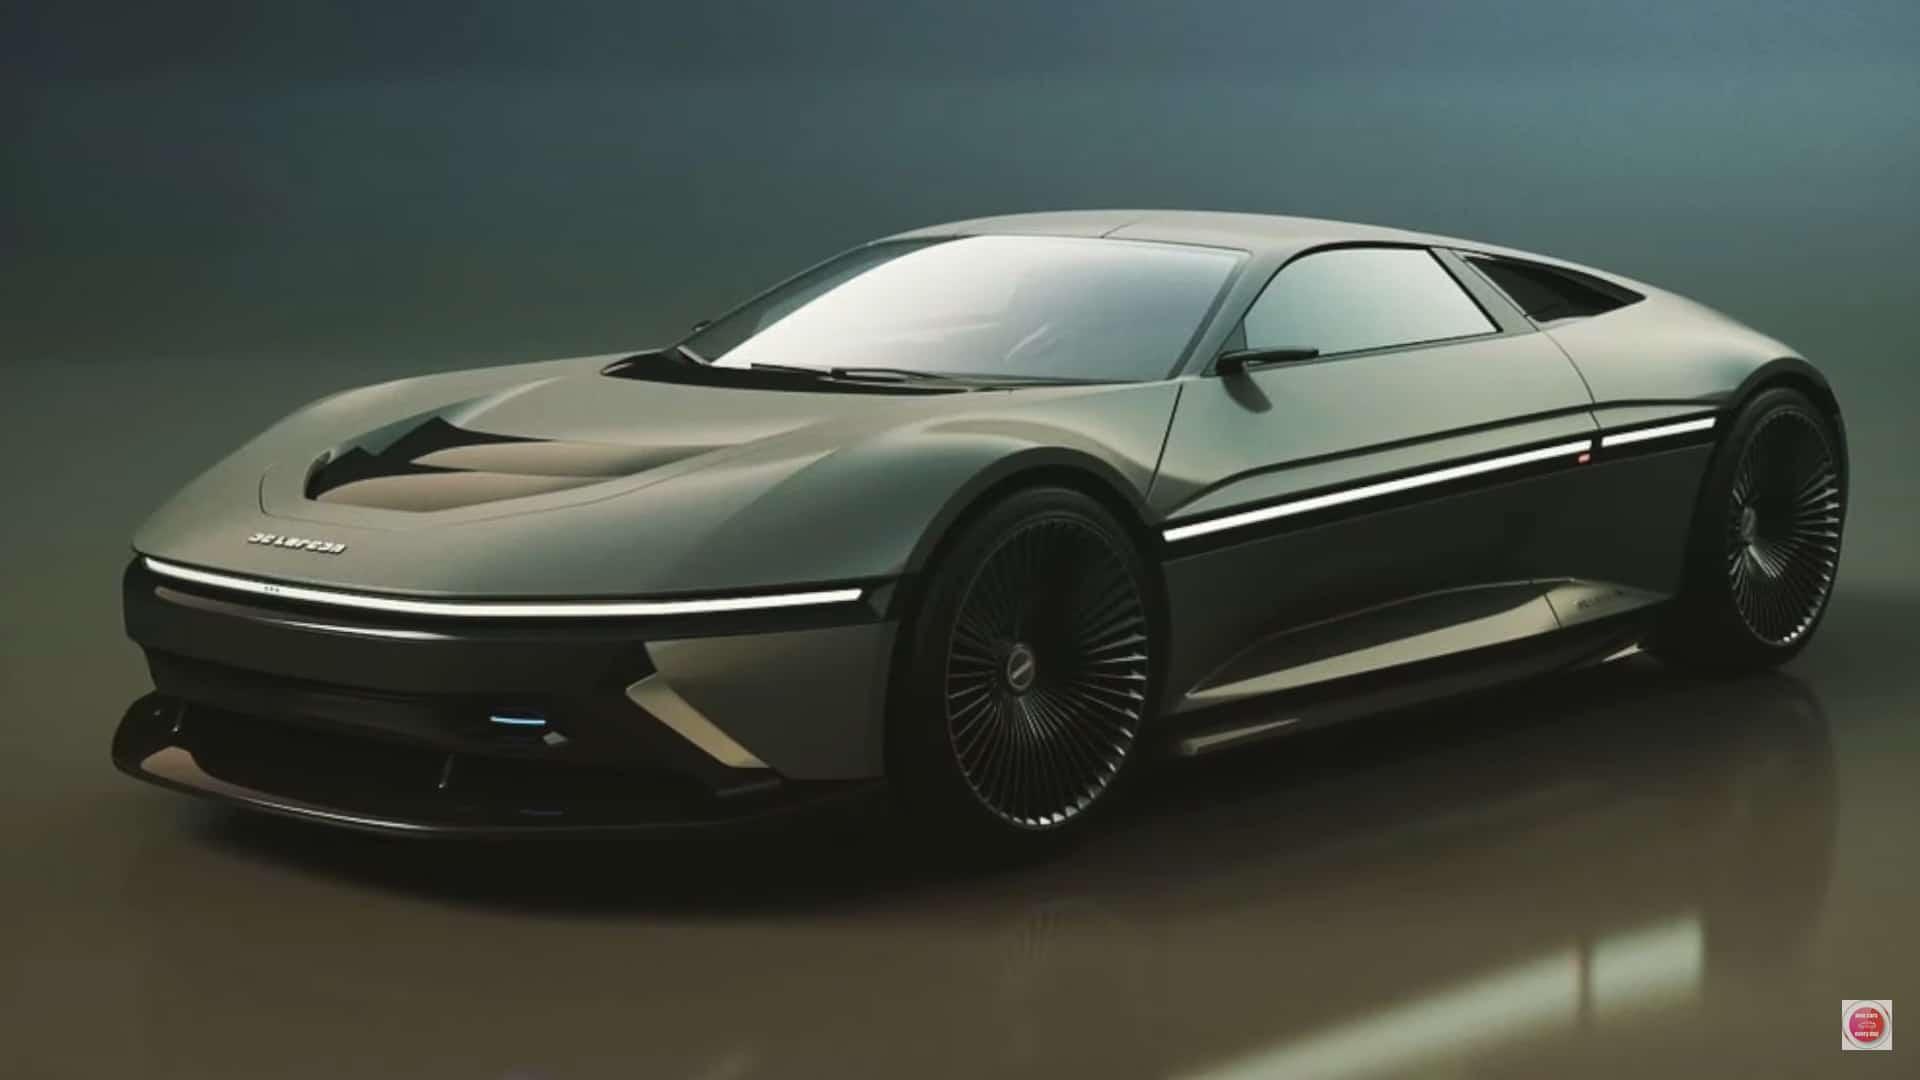 Nuova DMC DeLorean 2023: rinasce la sportiva di Ritorno al Futuro?